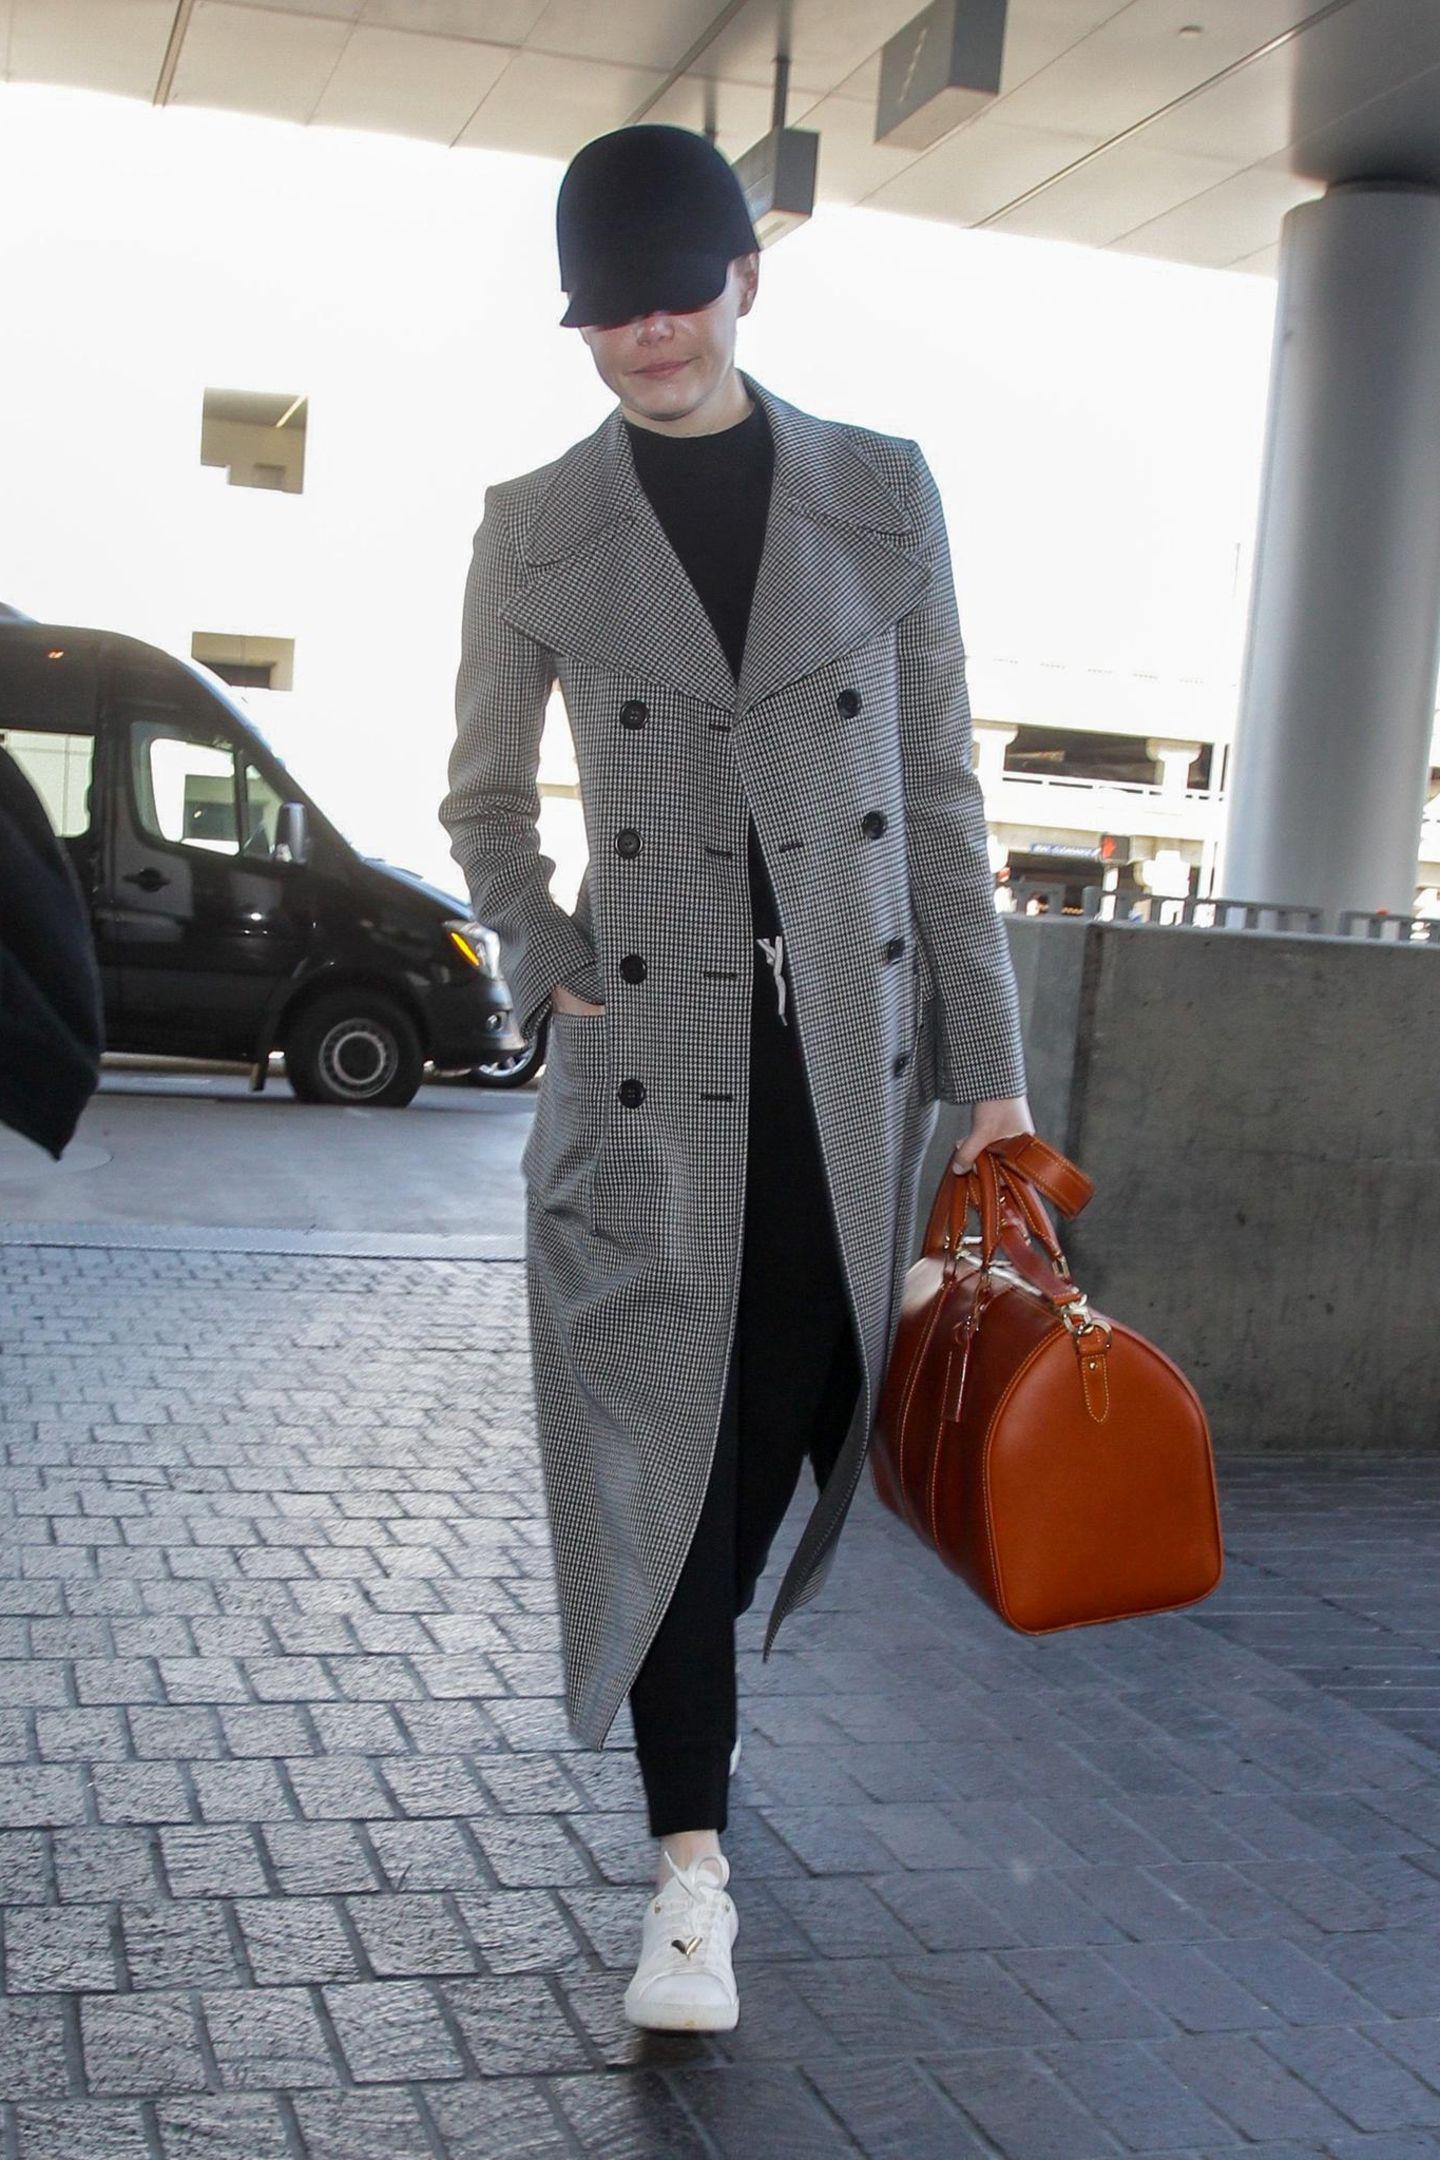 Emma Stone müsste sich für ihr Airport-Outfit eigentlich nicht verstecken. Den Sherlock-Look ihres Mantels bricht sie durch coole Sneaker und eine legere Hose. Das Highlight bleibt allerdings die cognacfarbene Tasche.